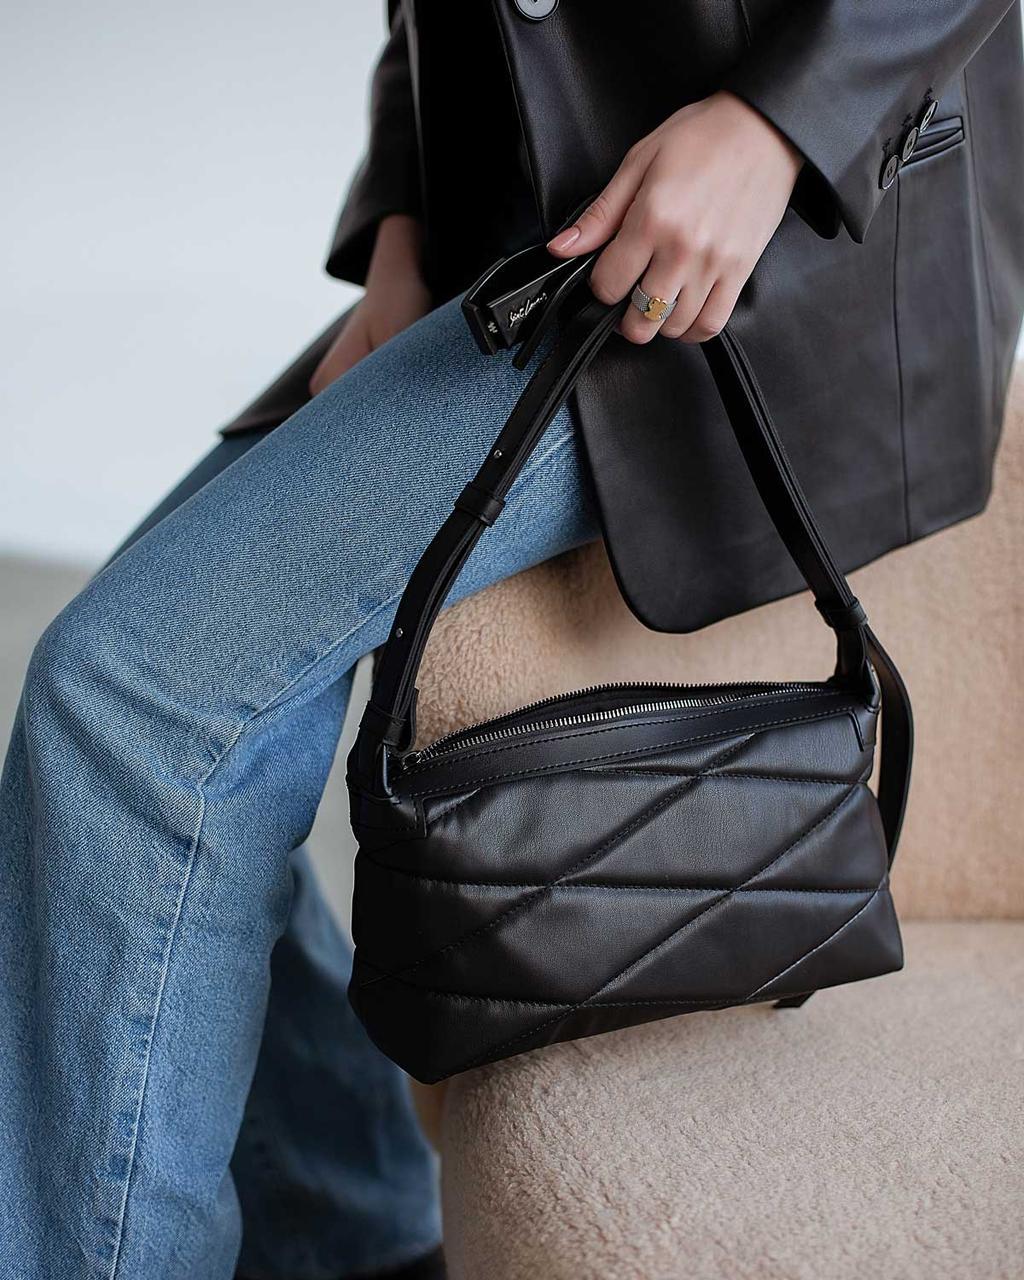 Женская черная сумочка! Сумка-багет 64104 клатч с ручкой через плечо